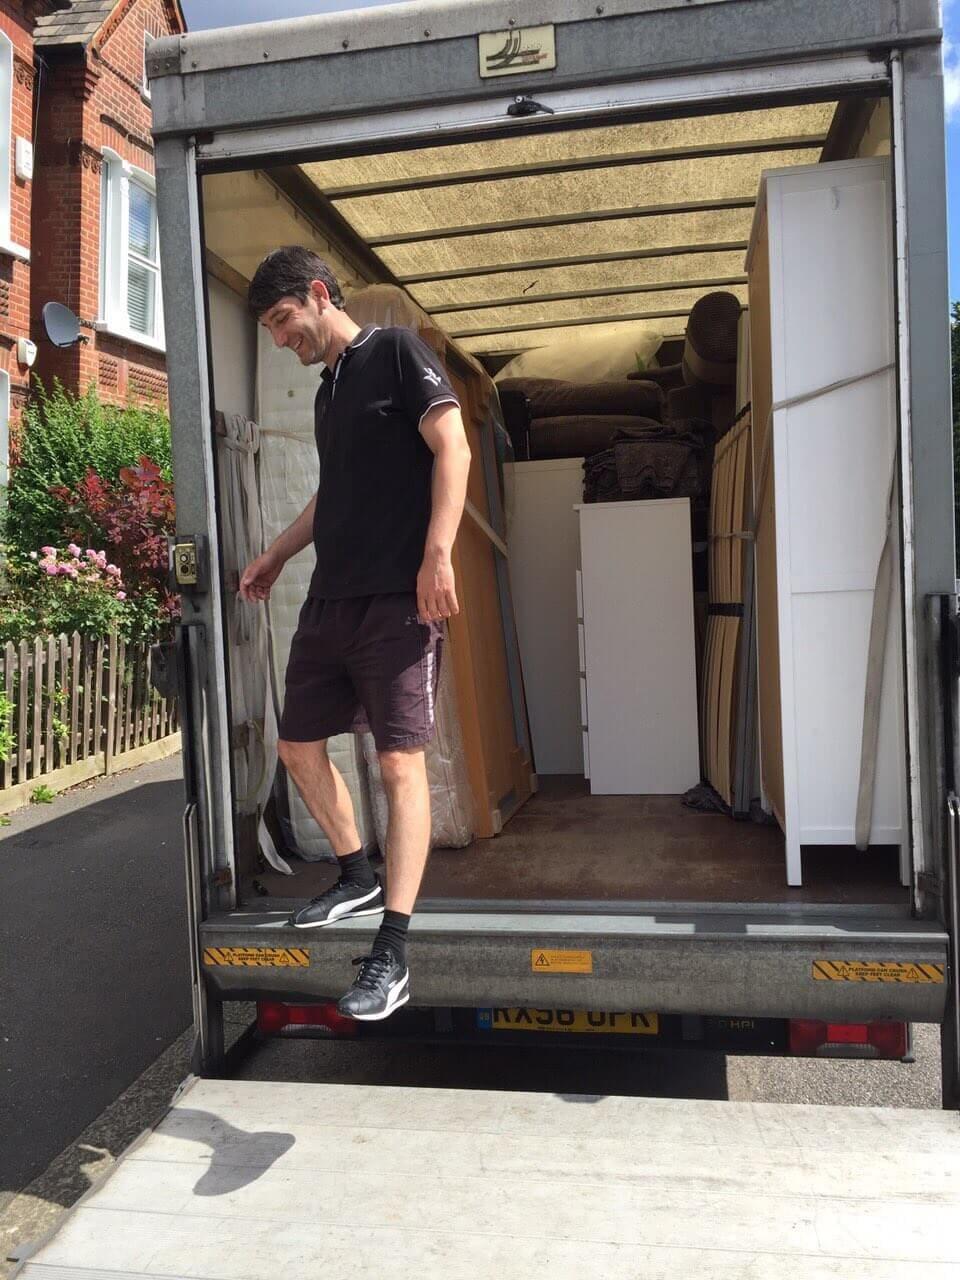 SE1 van for hire in Bankside